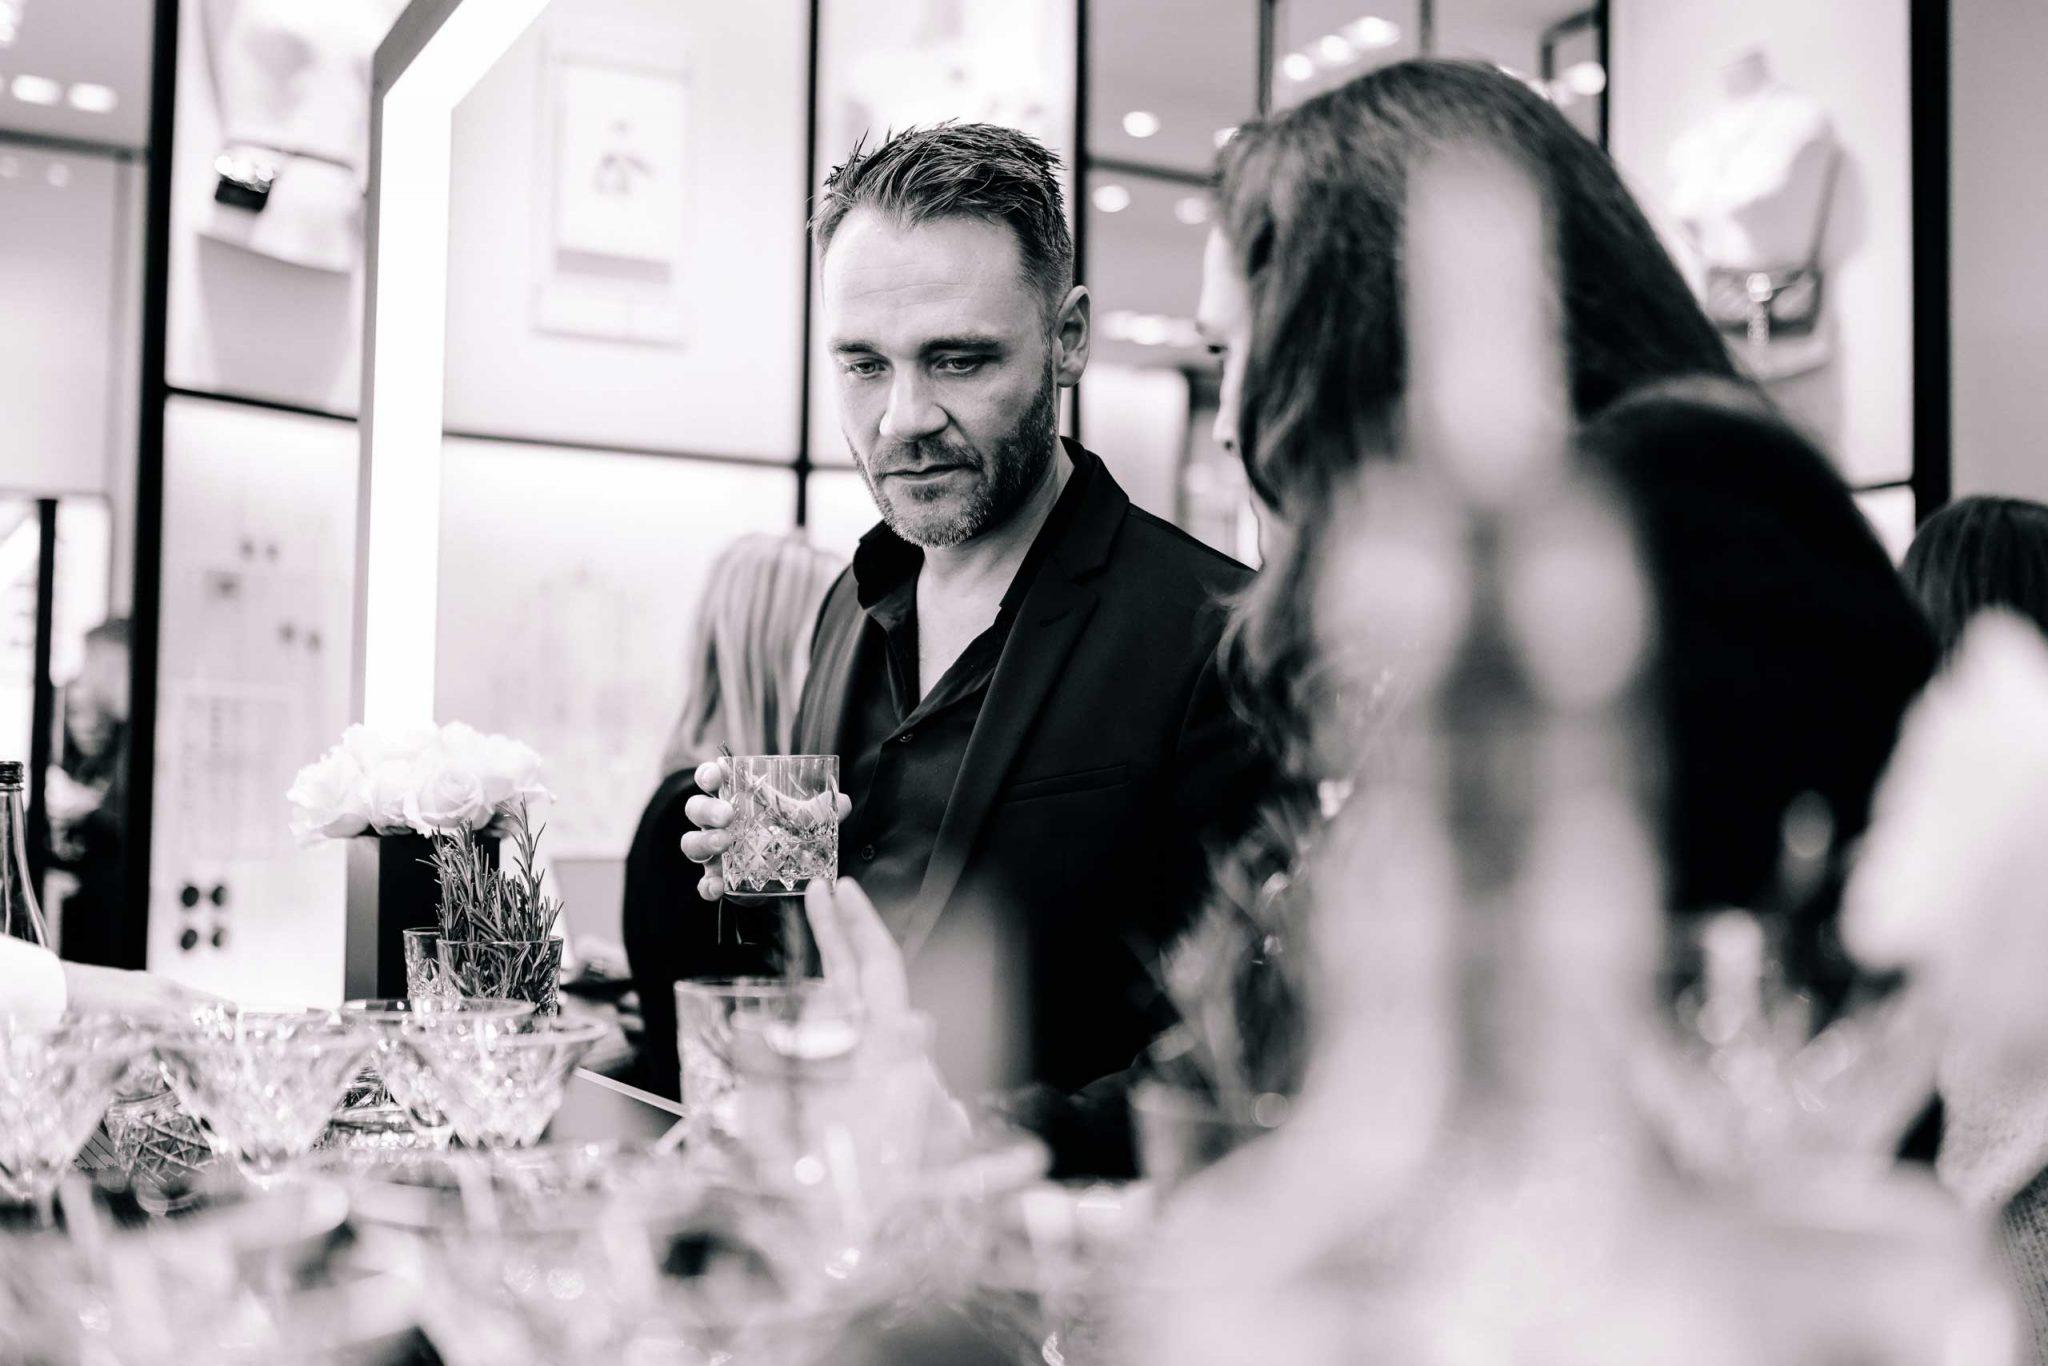 Chanel_Boutique_Cocktail_event_Ilsoo_van_Dijk_07122019-01365